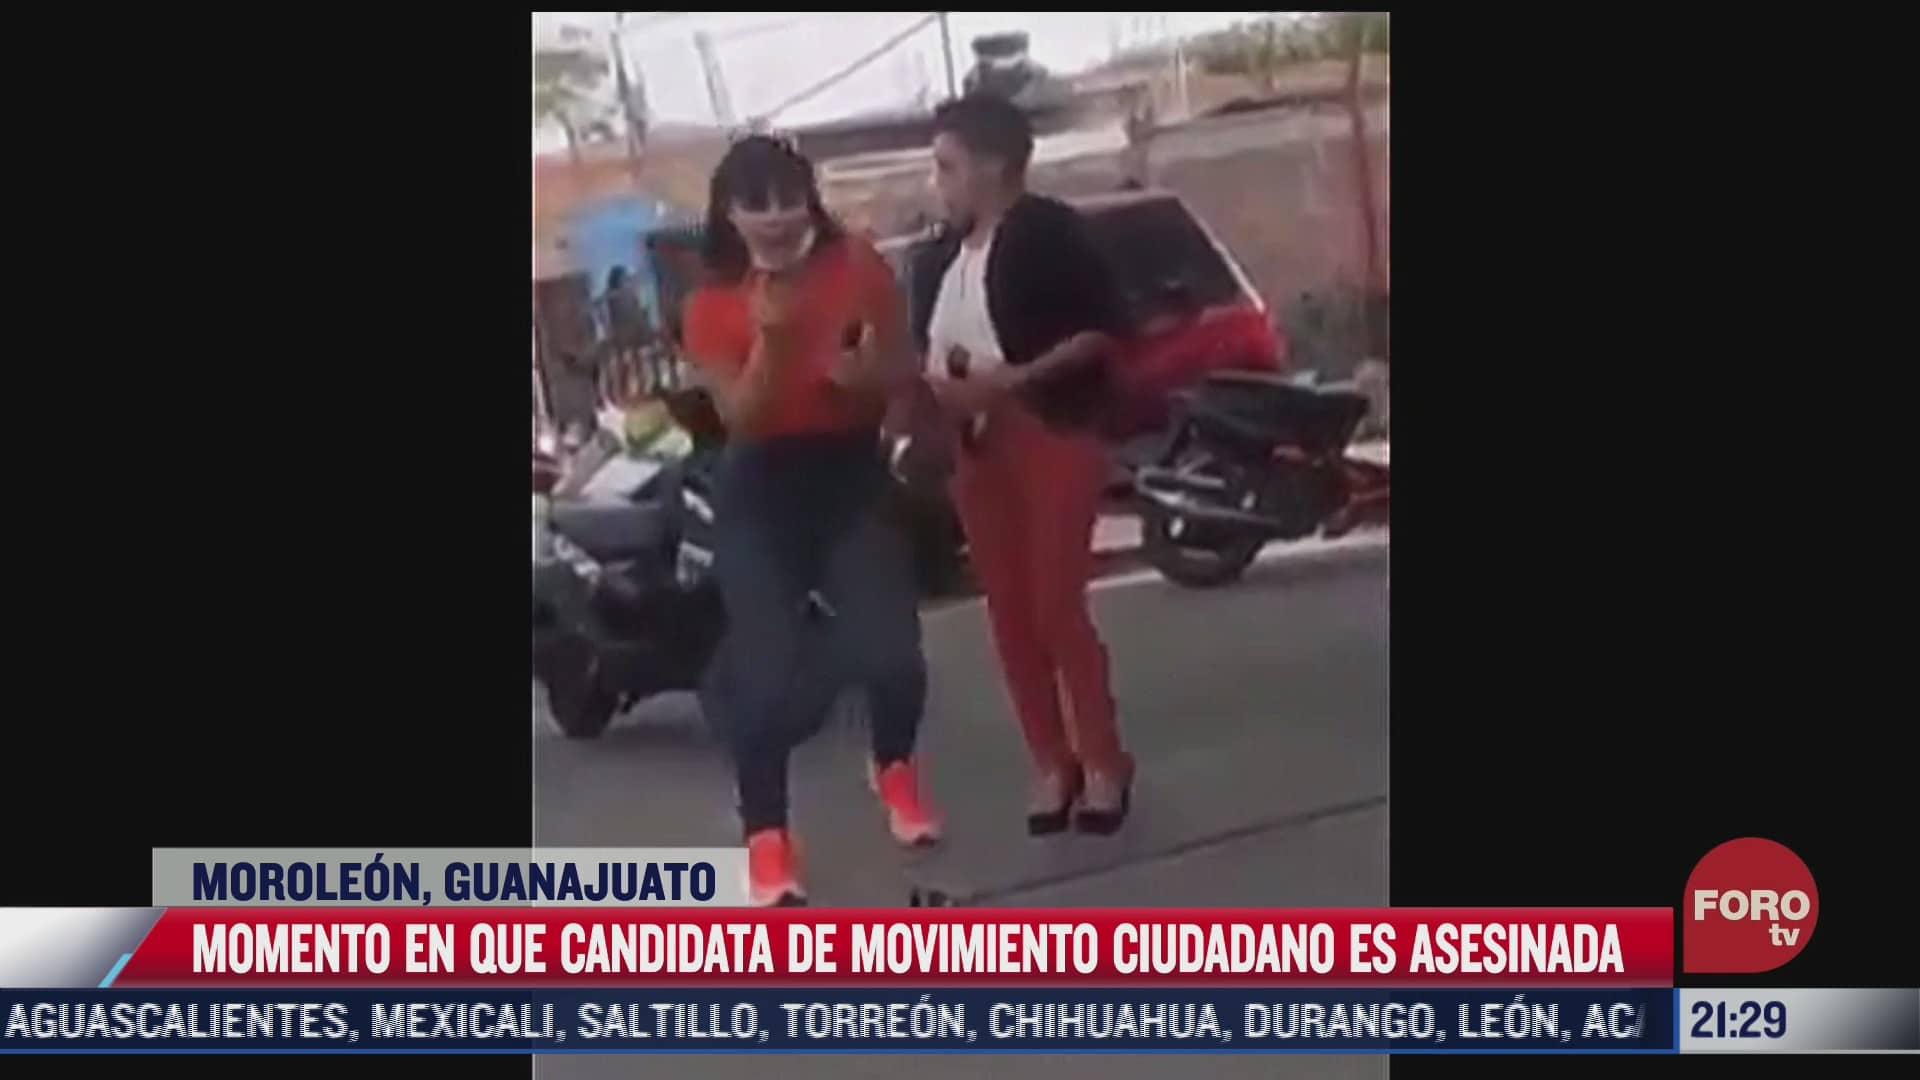 dan a conocer video que muestra el instante en que fue asesinada candidata de mc en moroleon